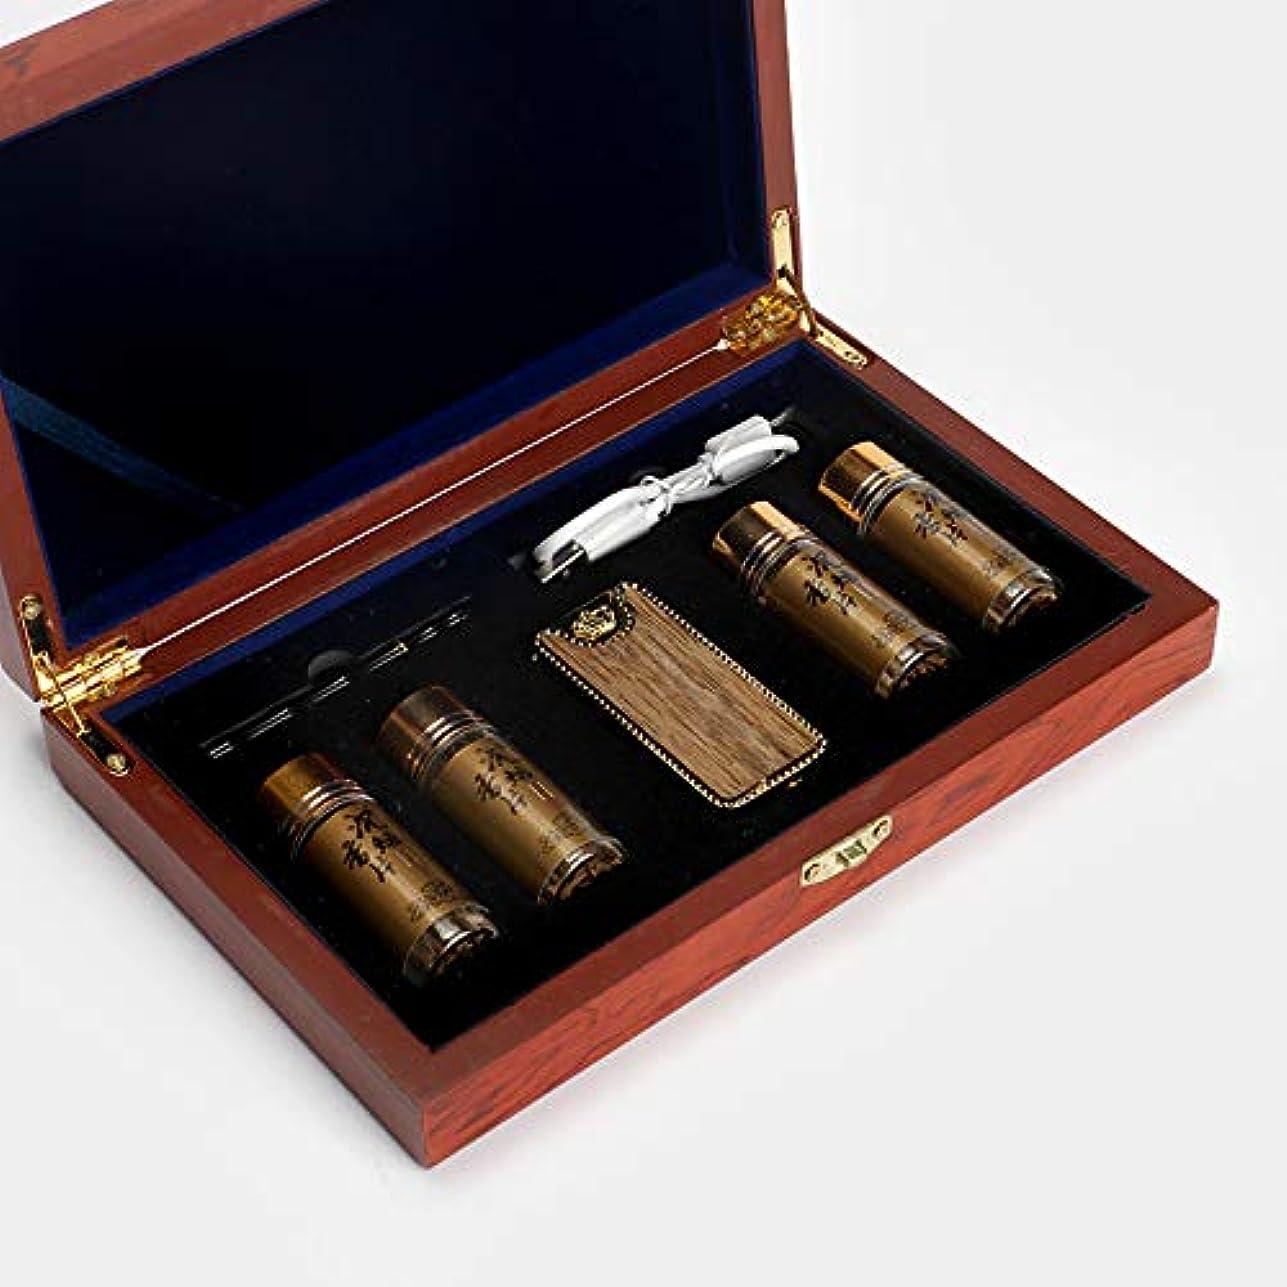 謎収束する物理的にDiatems - 五郎クラフトベトナムニャチャンシェンタバコの煙を挿入ギフトボックスShenxiang錠4本のボトル包装